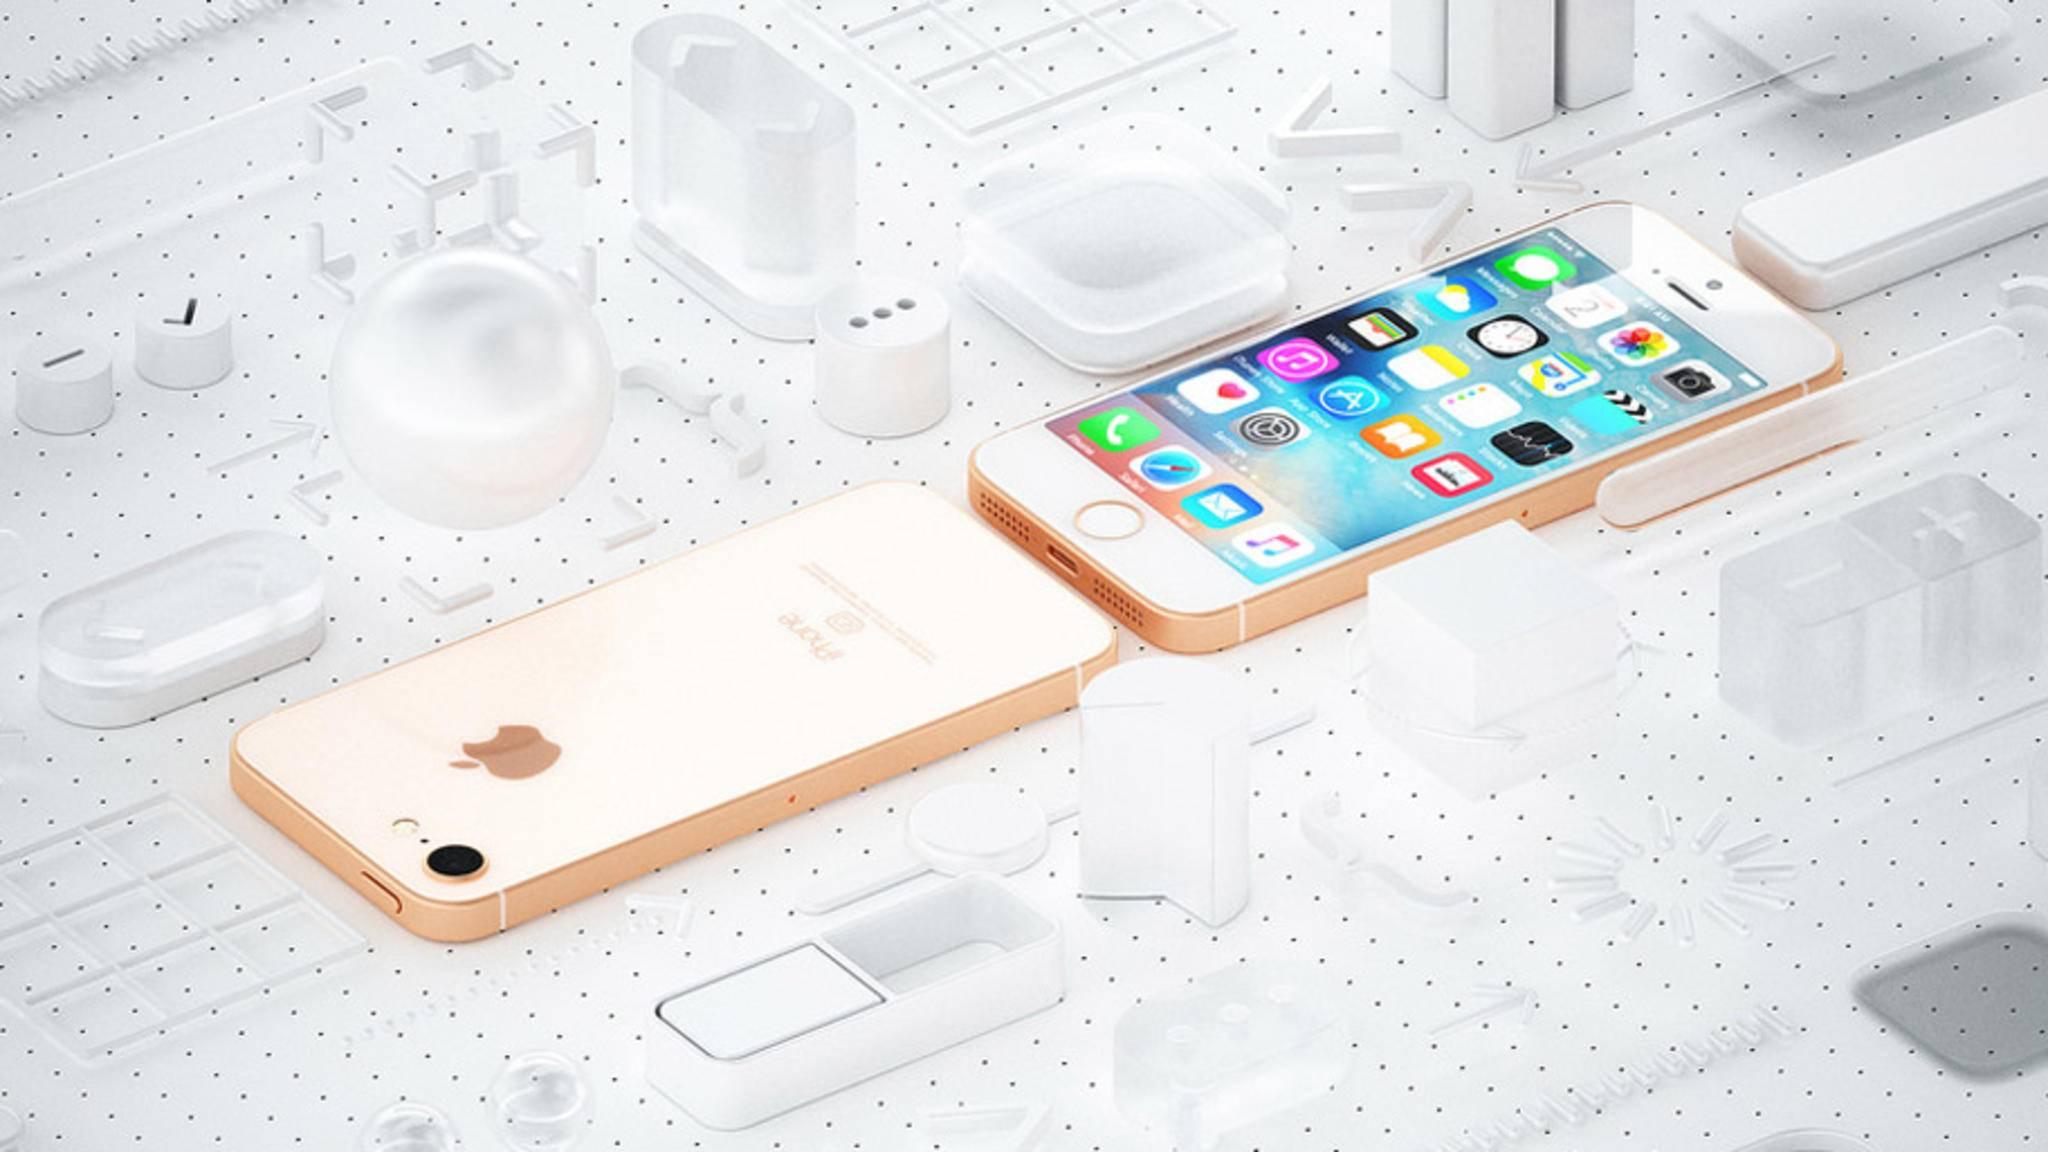 iPhone SE 2 soll noch im Juni kommen – und so viel soll es kosten!